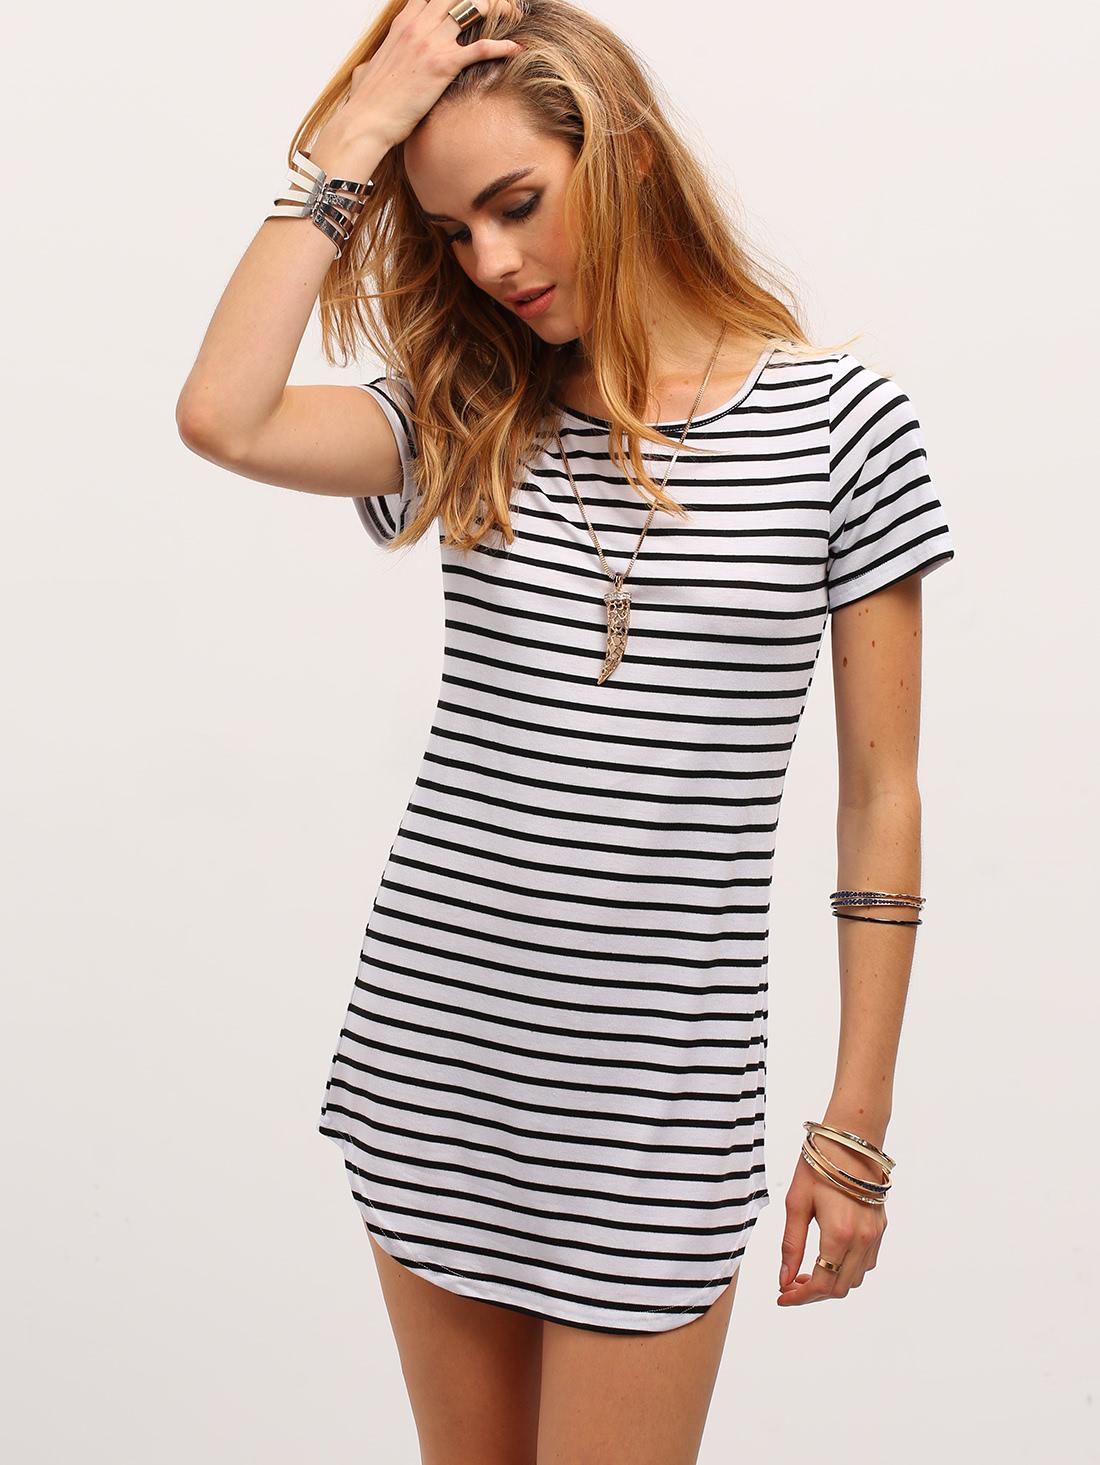 t shirt dress contrast striped curved hem t-shirt dress -shein(sheinside) oumkxon